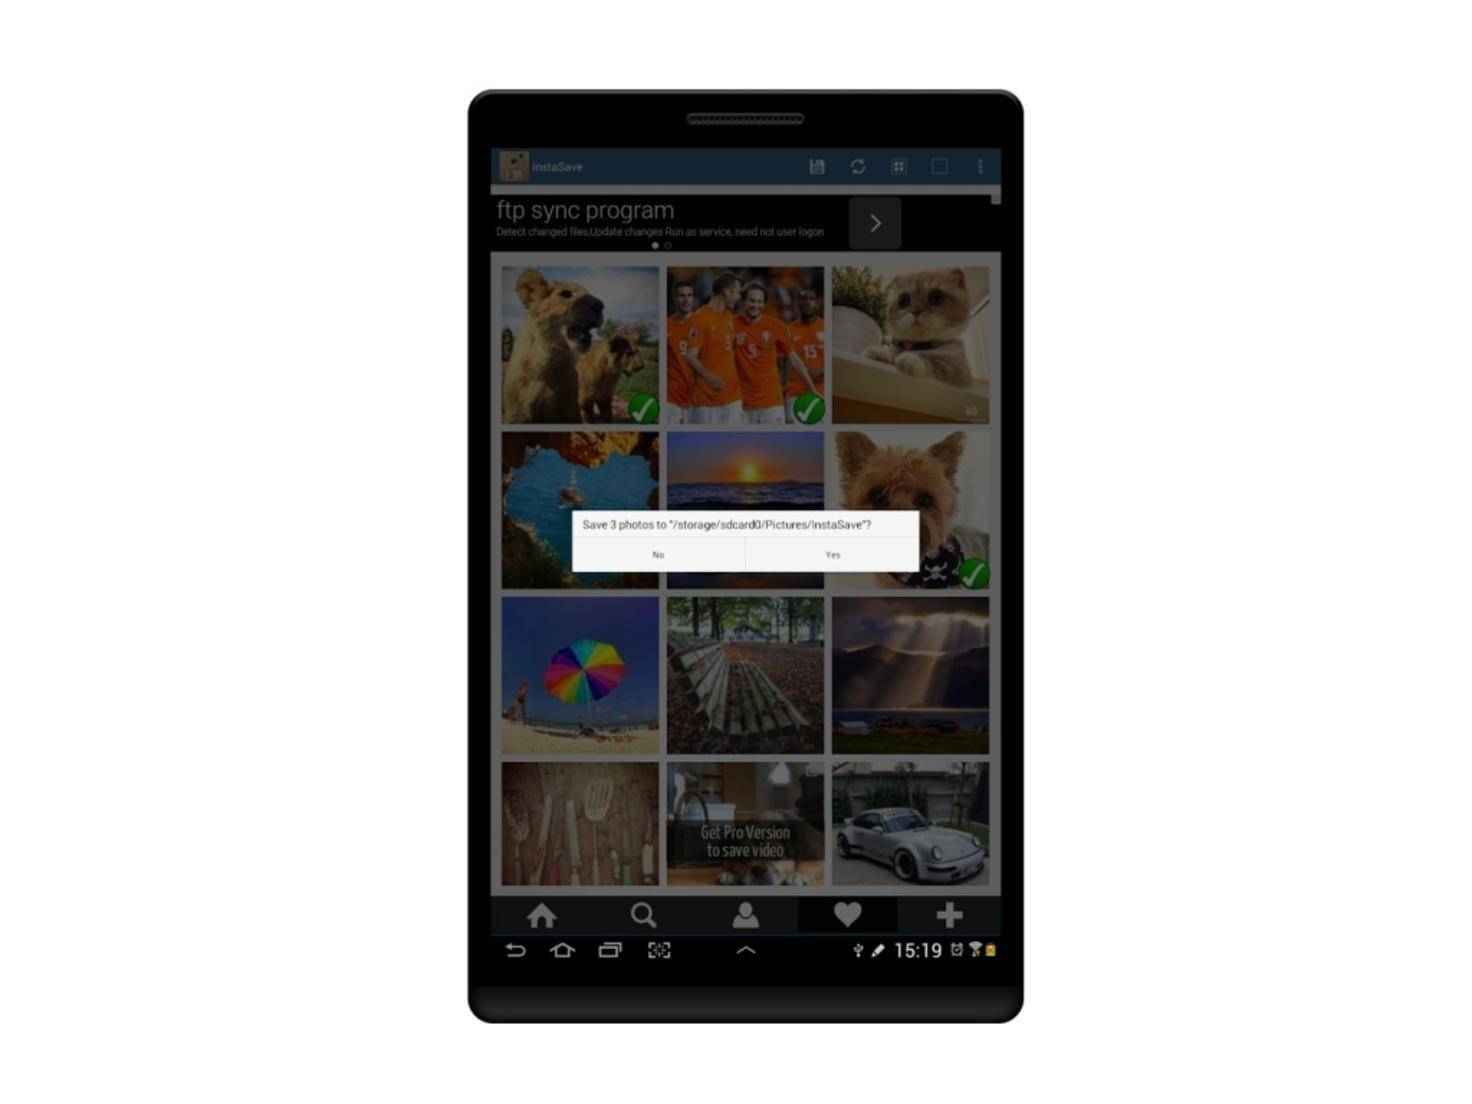 Mit InstaSave speicherst Du Instagram-Bilder mit nur wenigen Handgriffen.